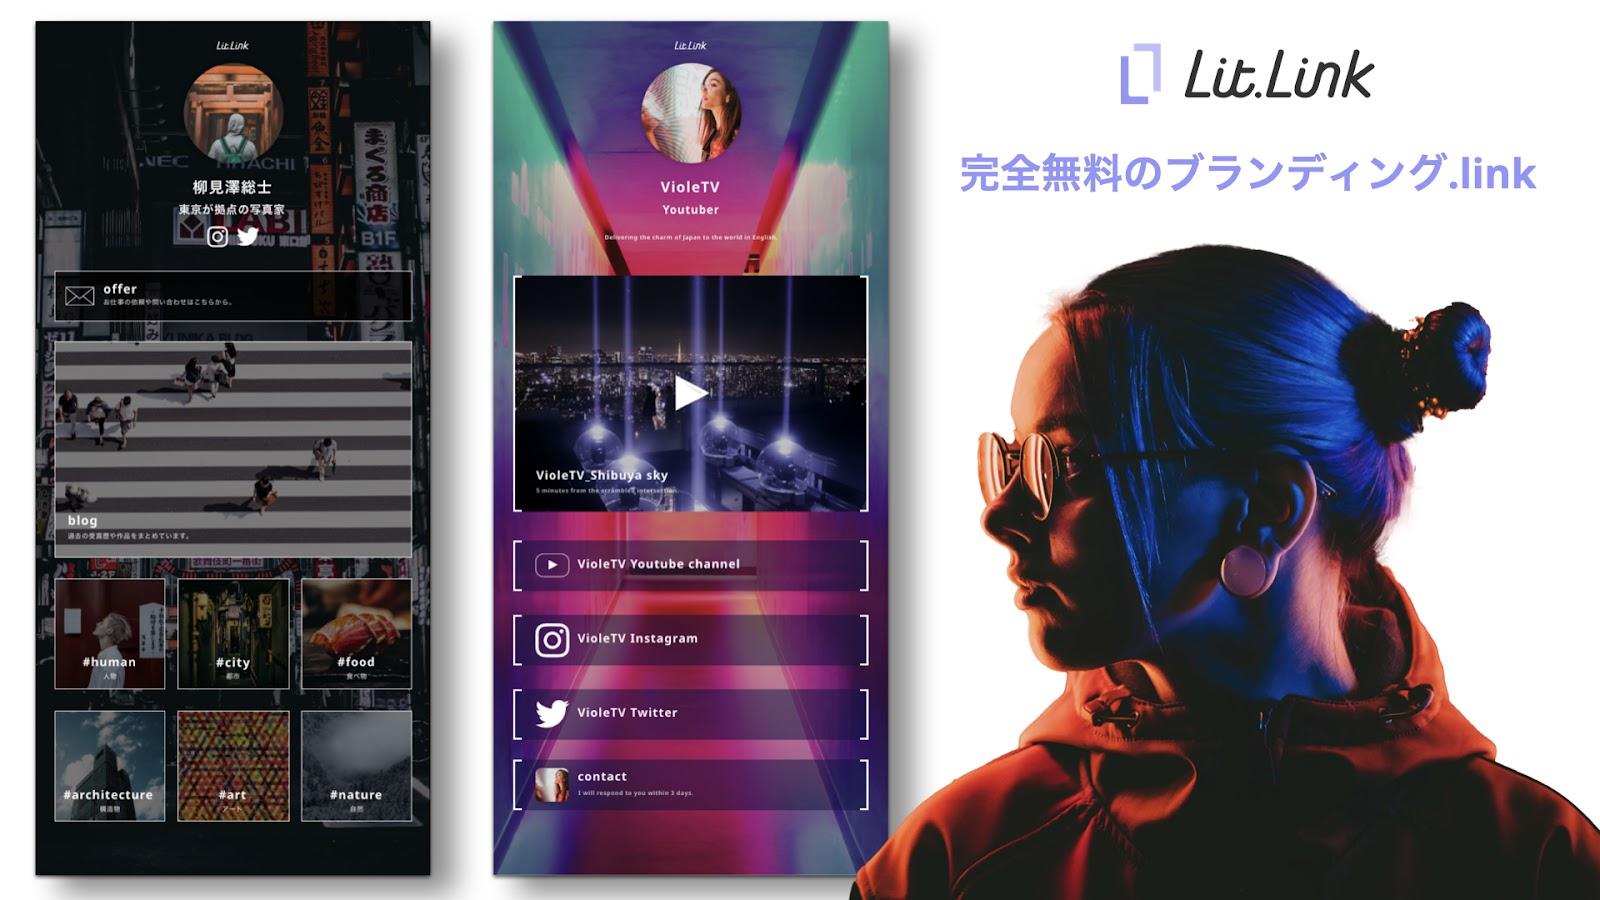 lit.link_概要